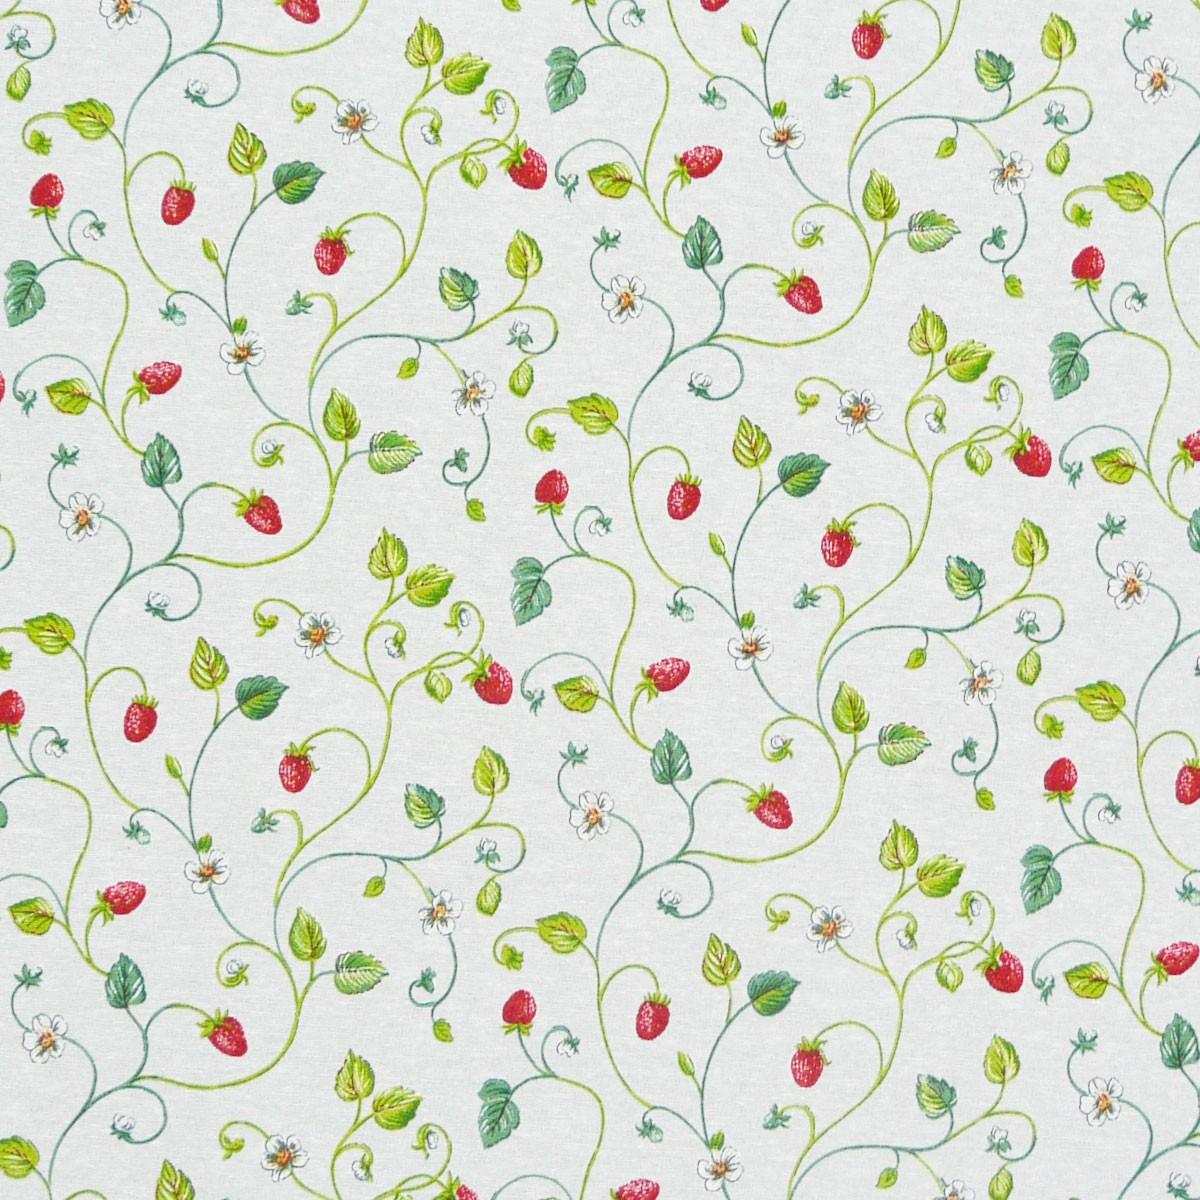 gardinenstoff stoff dekostoff meterware erdbeeren ranken wei stoffe zubeh r stoffe stoffe. Black Bedroom Furniture Sets. Home Design Ideas